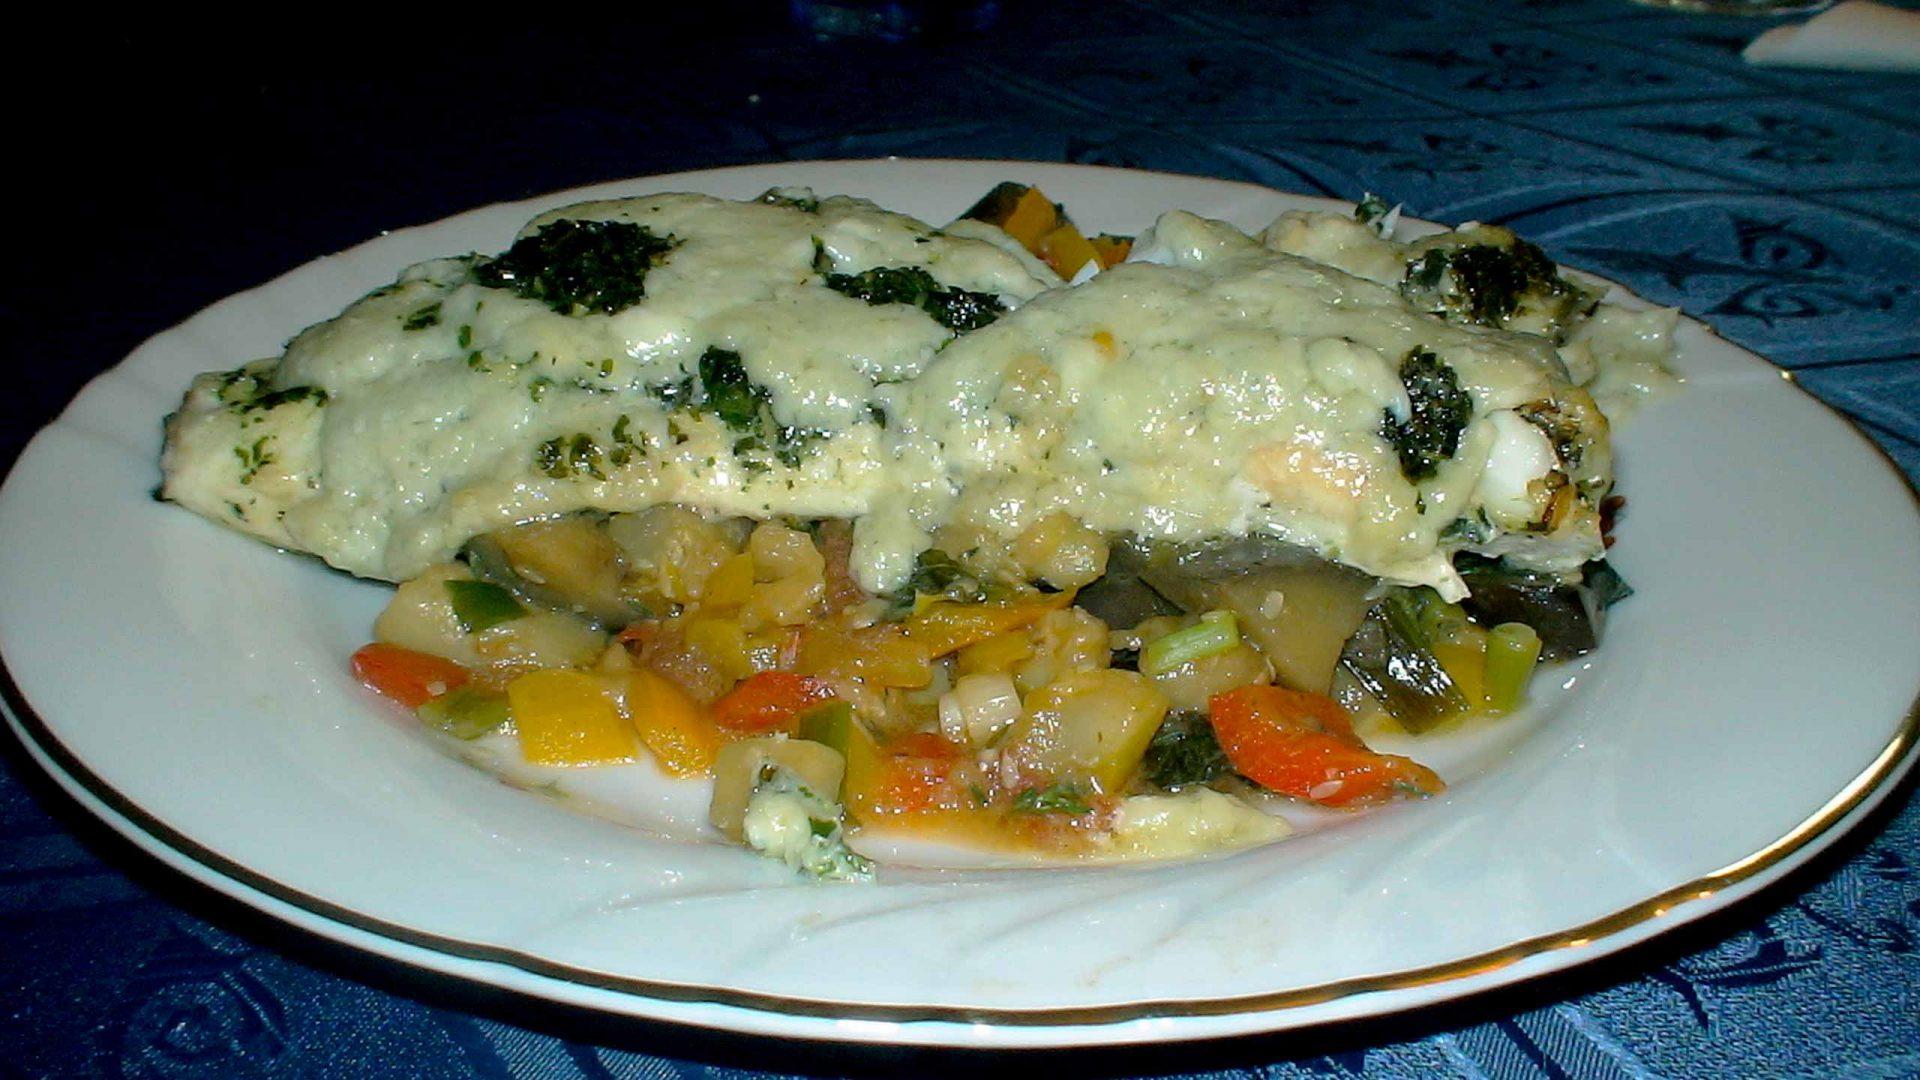 לברק ממולא גבינות על מצע פסטו ירקות